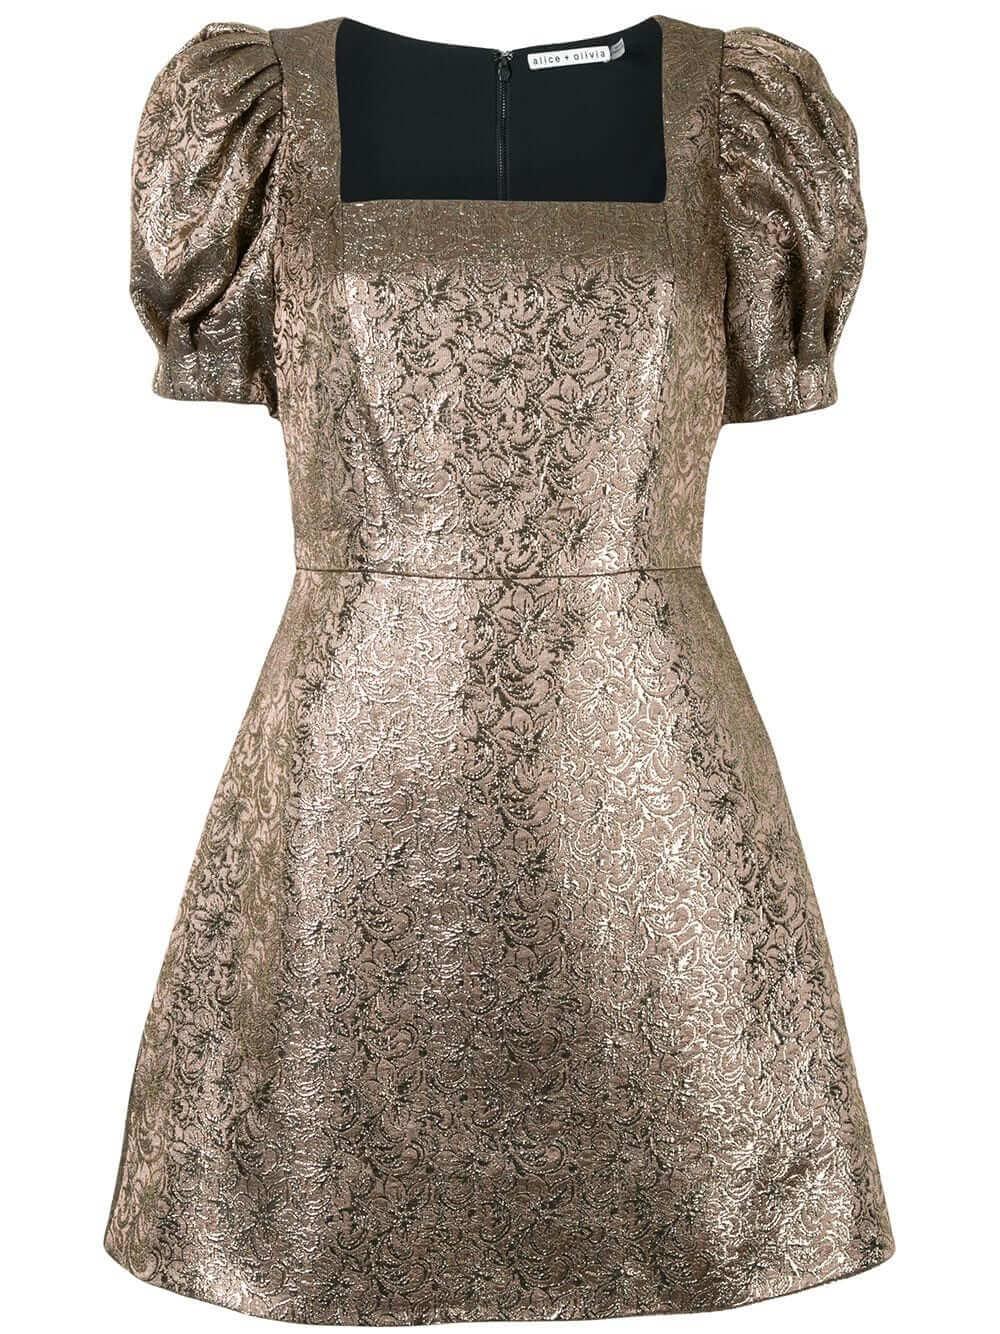 Kalen Brocade Mini Dress Item # CC009N04543